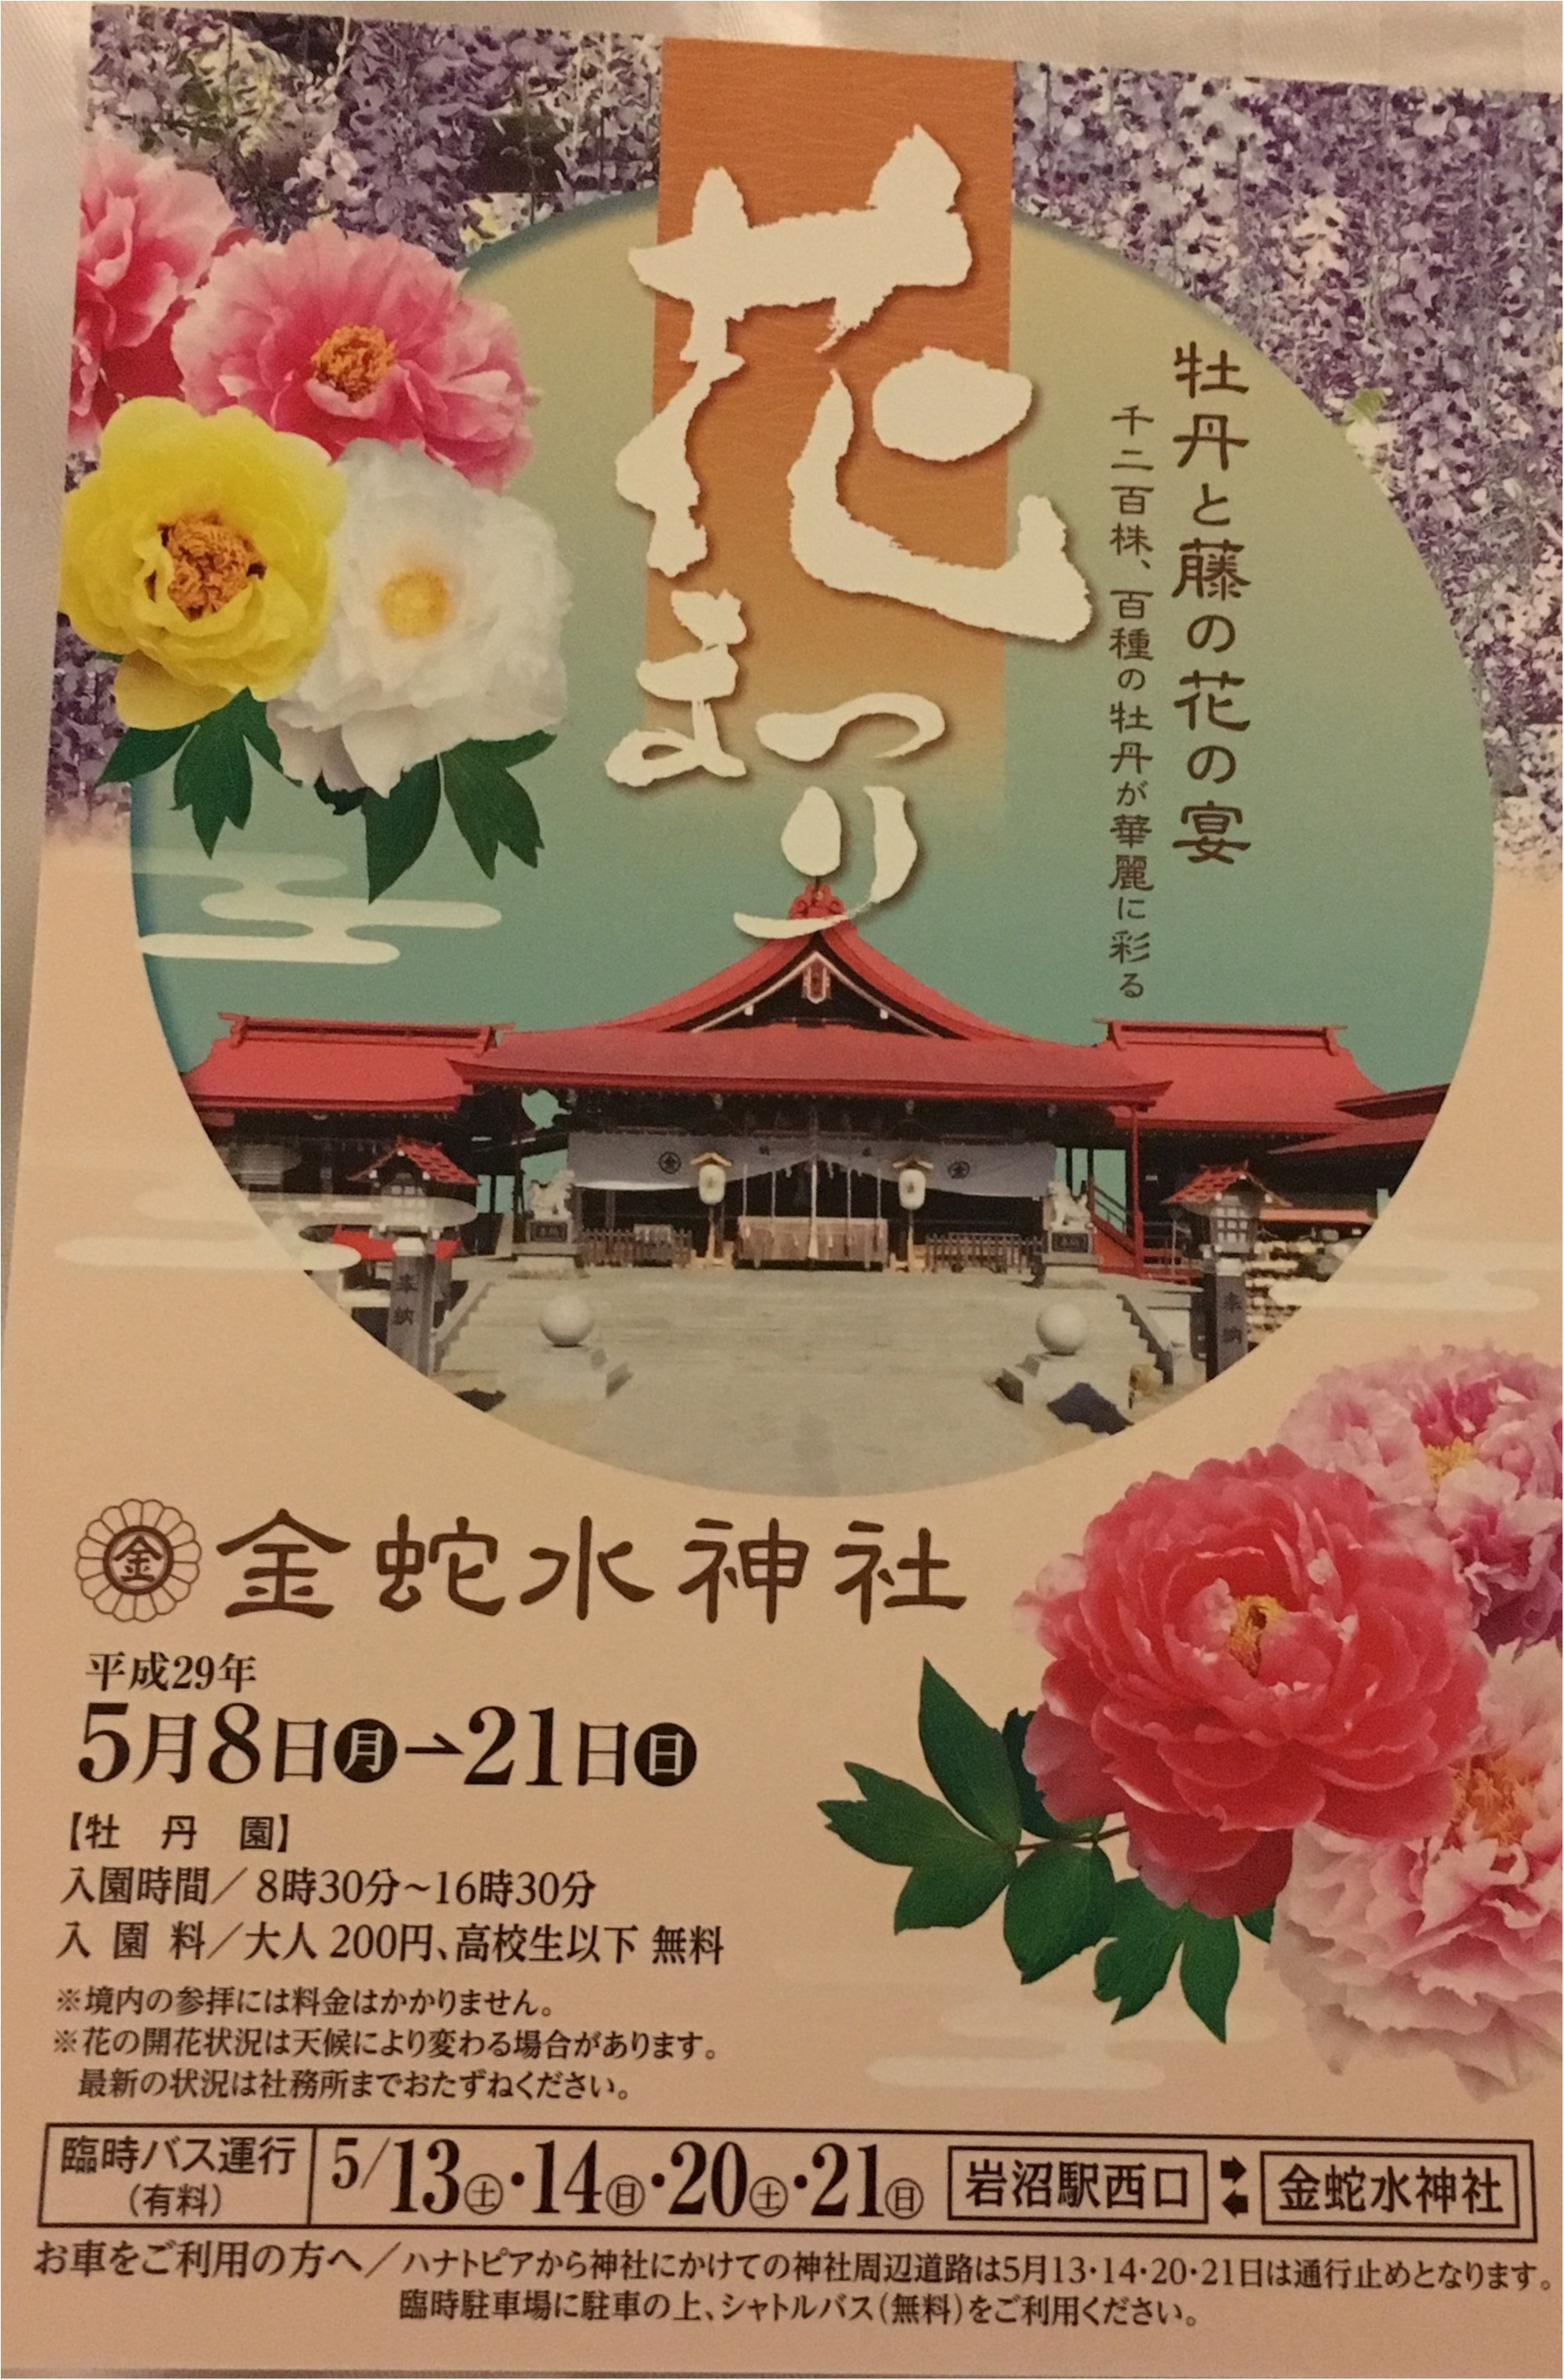 みやぎの隠れたパワースポット☆金蛇水神社♡_5